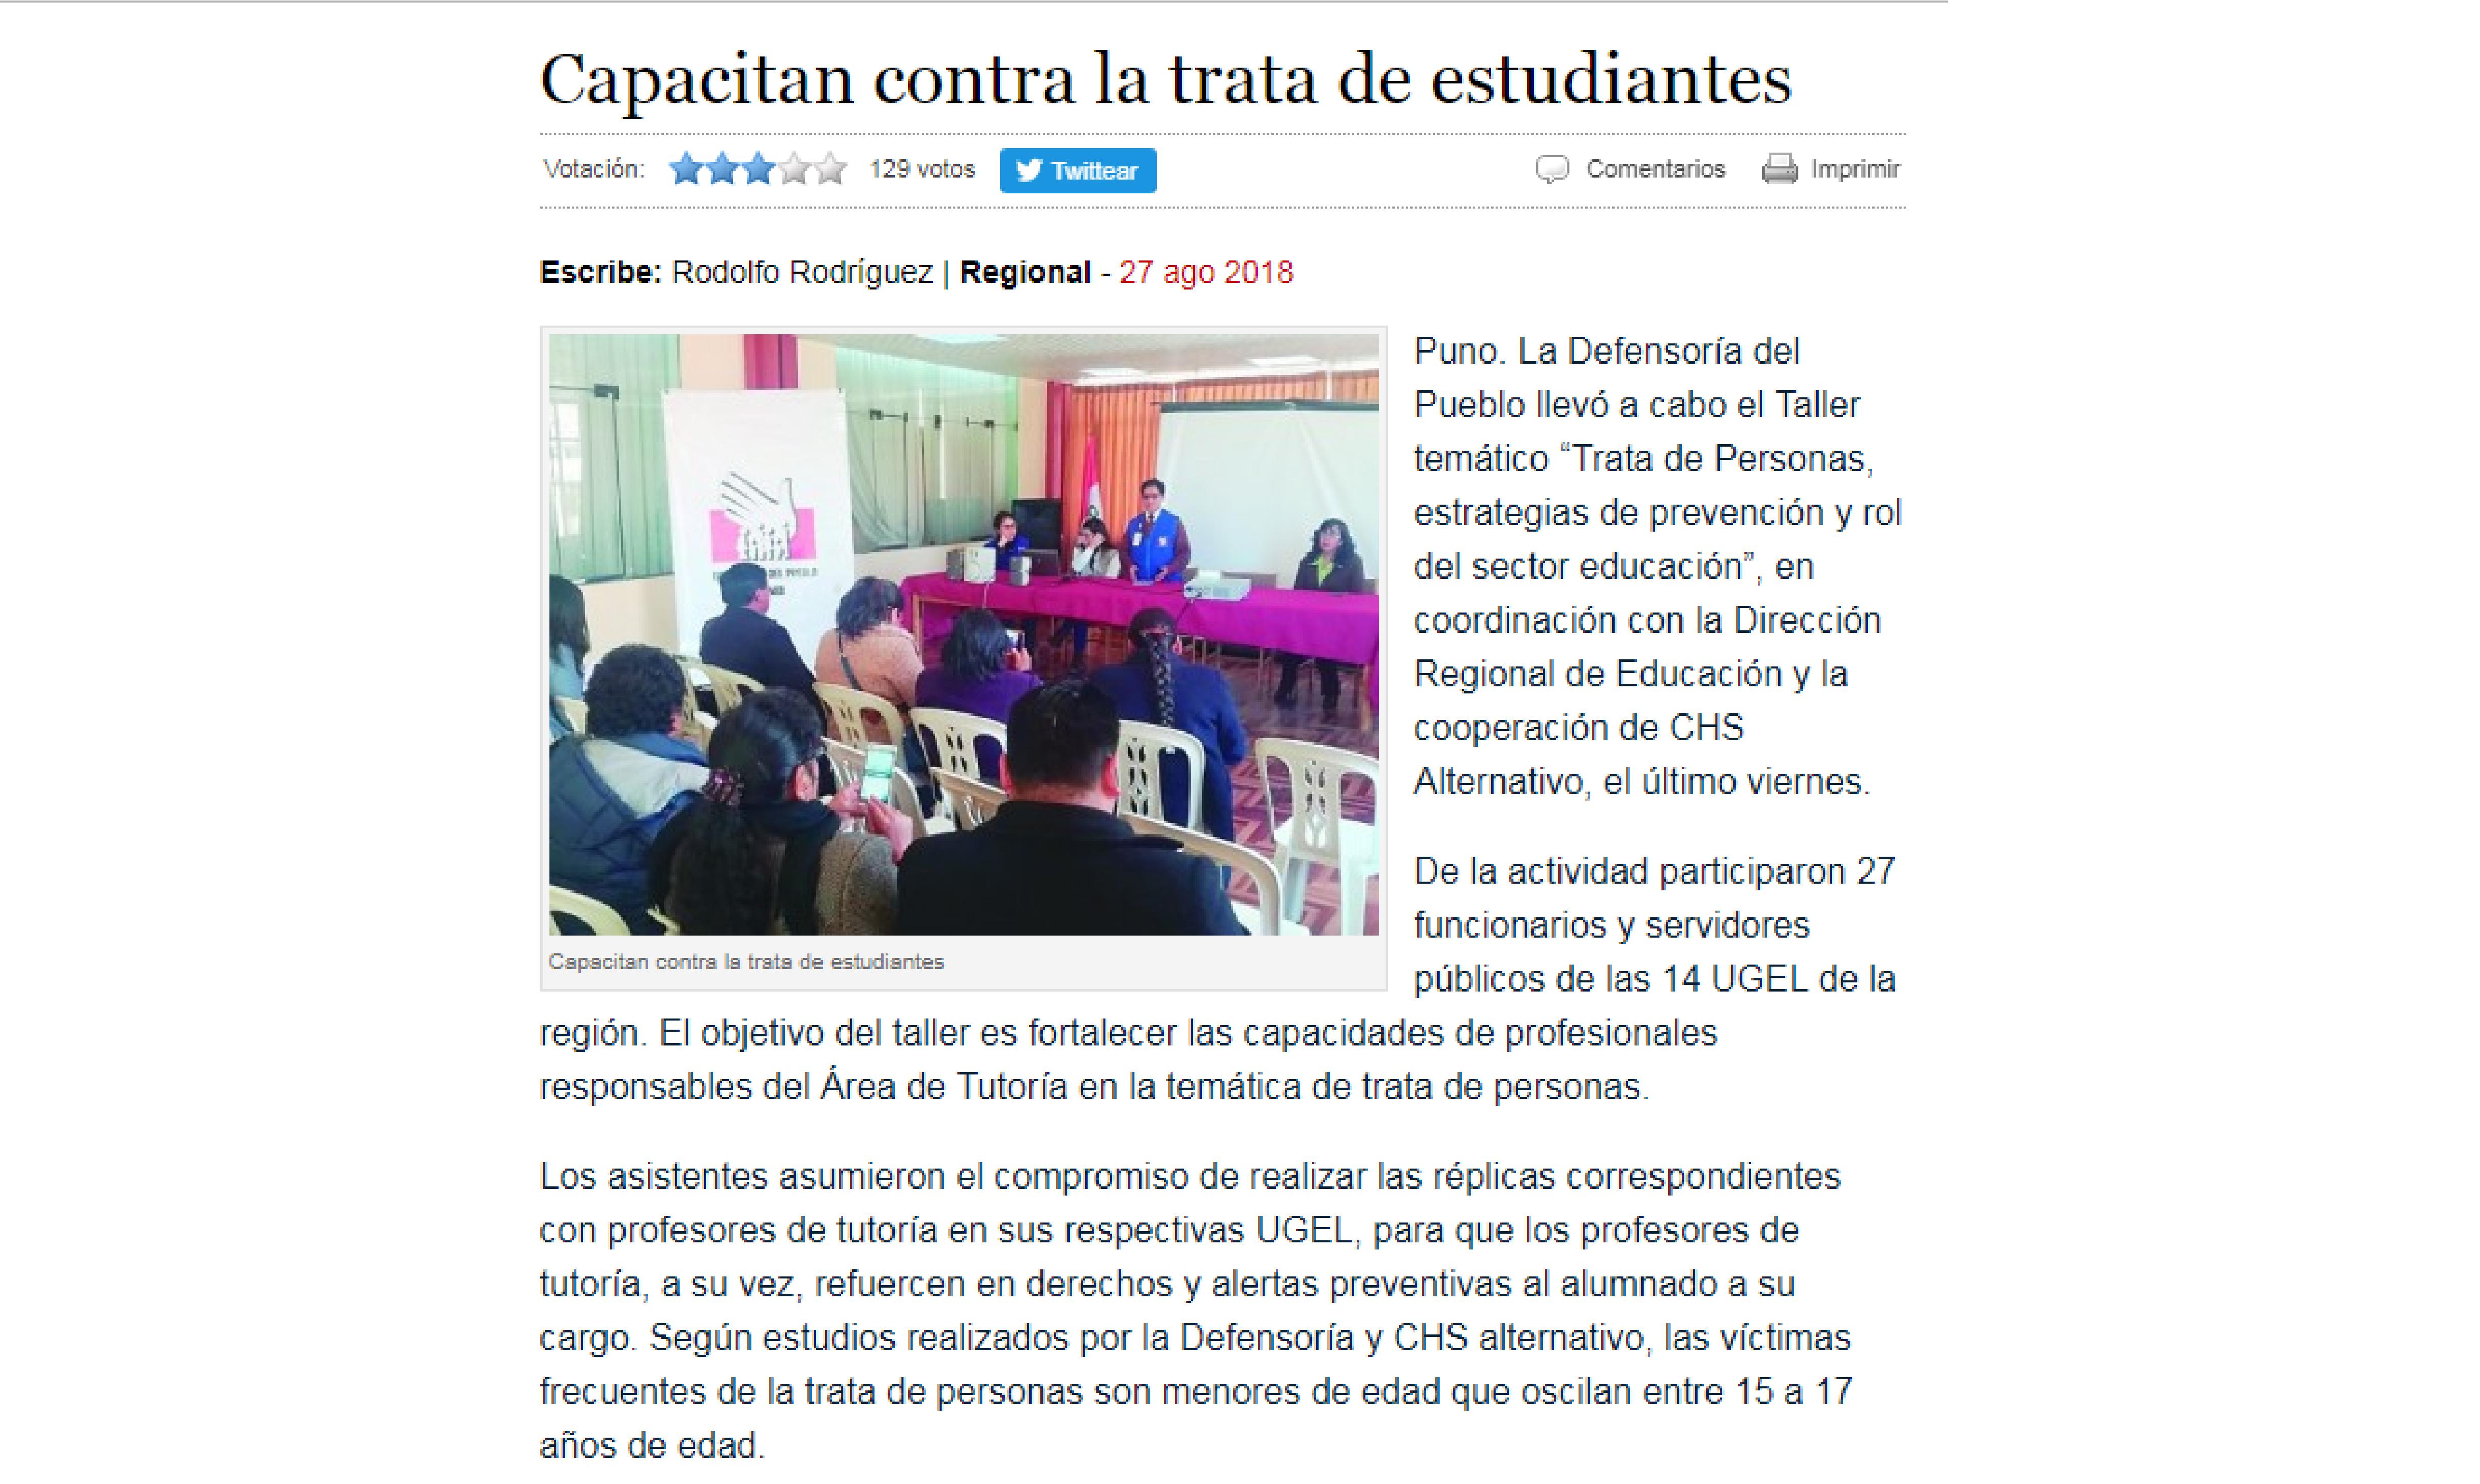 Los Andes: Capacitan contra la trata de estudiantes